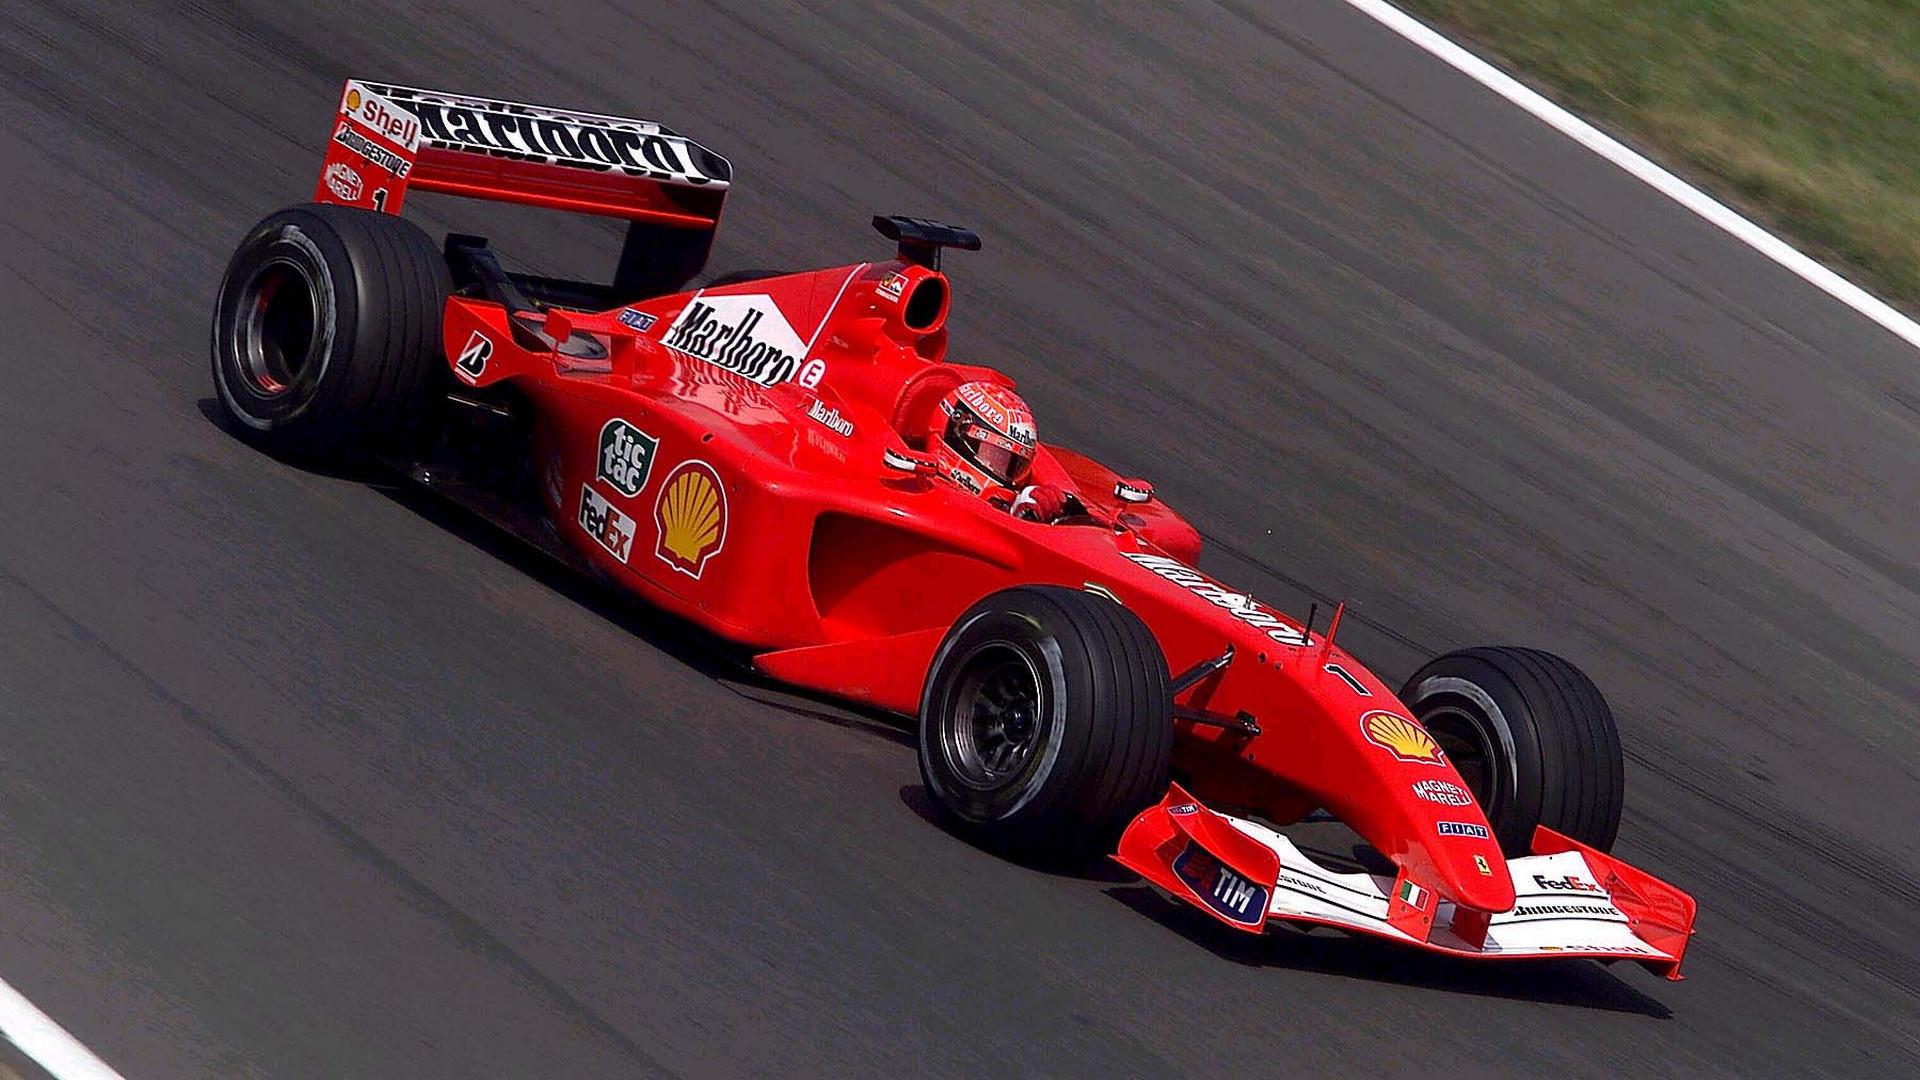 2001 | Jones on F1